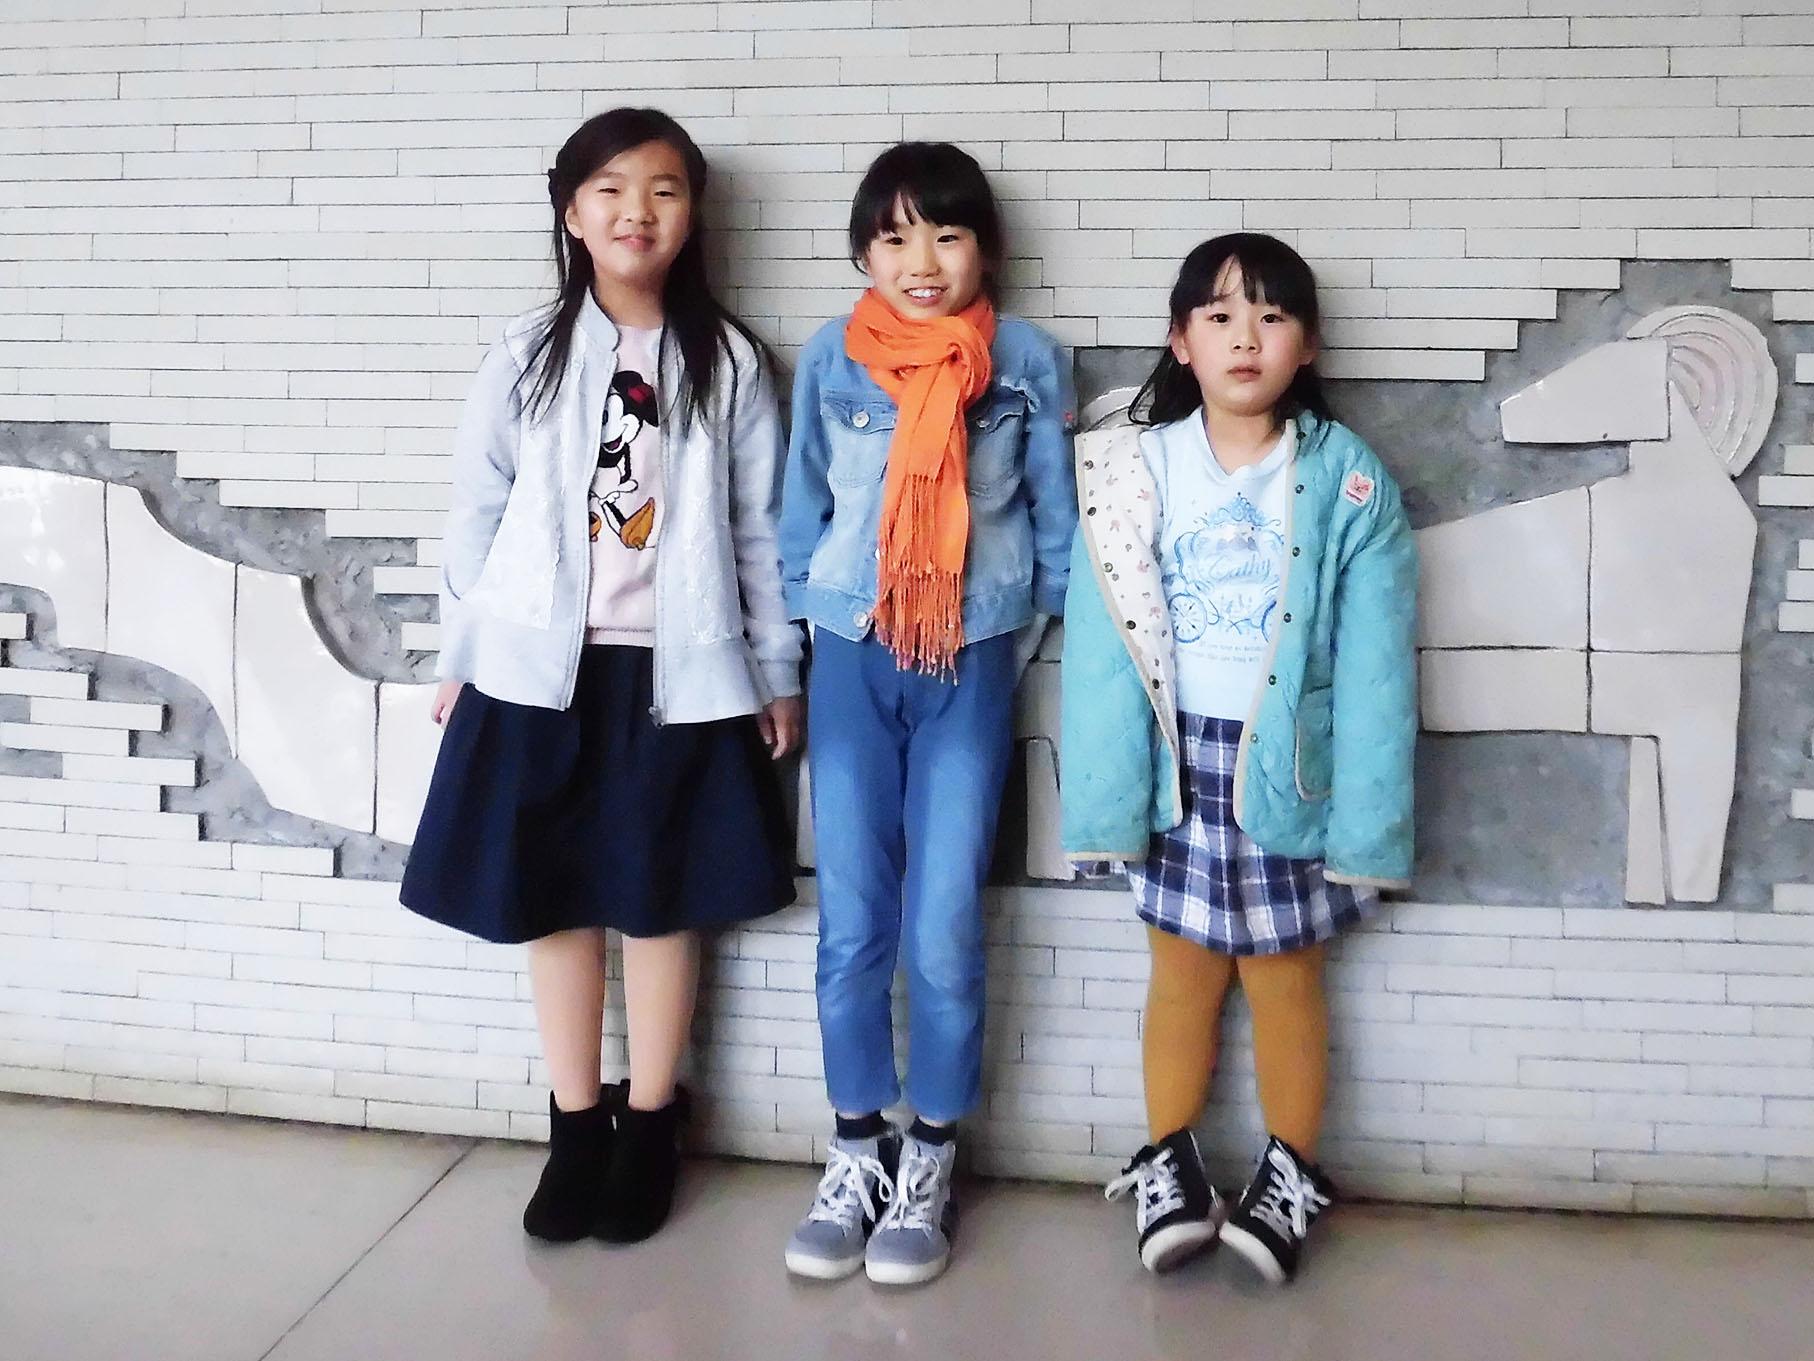 全日本 ジュニア クラシック コンクール 第40回審査結果|全日本ジュニアクラシック音楽コンクール